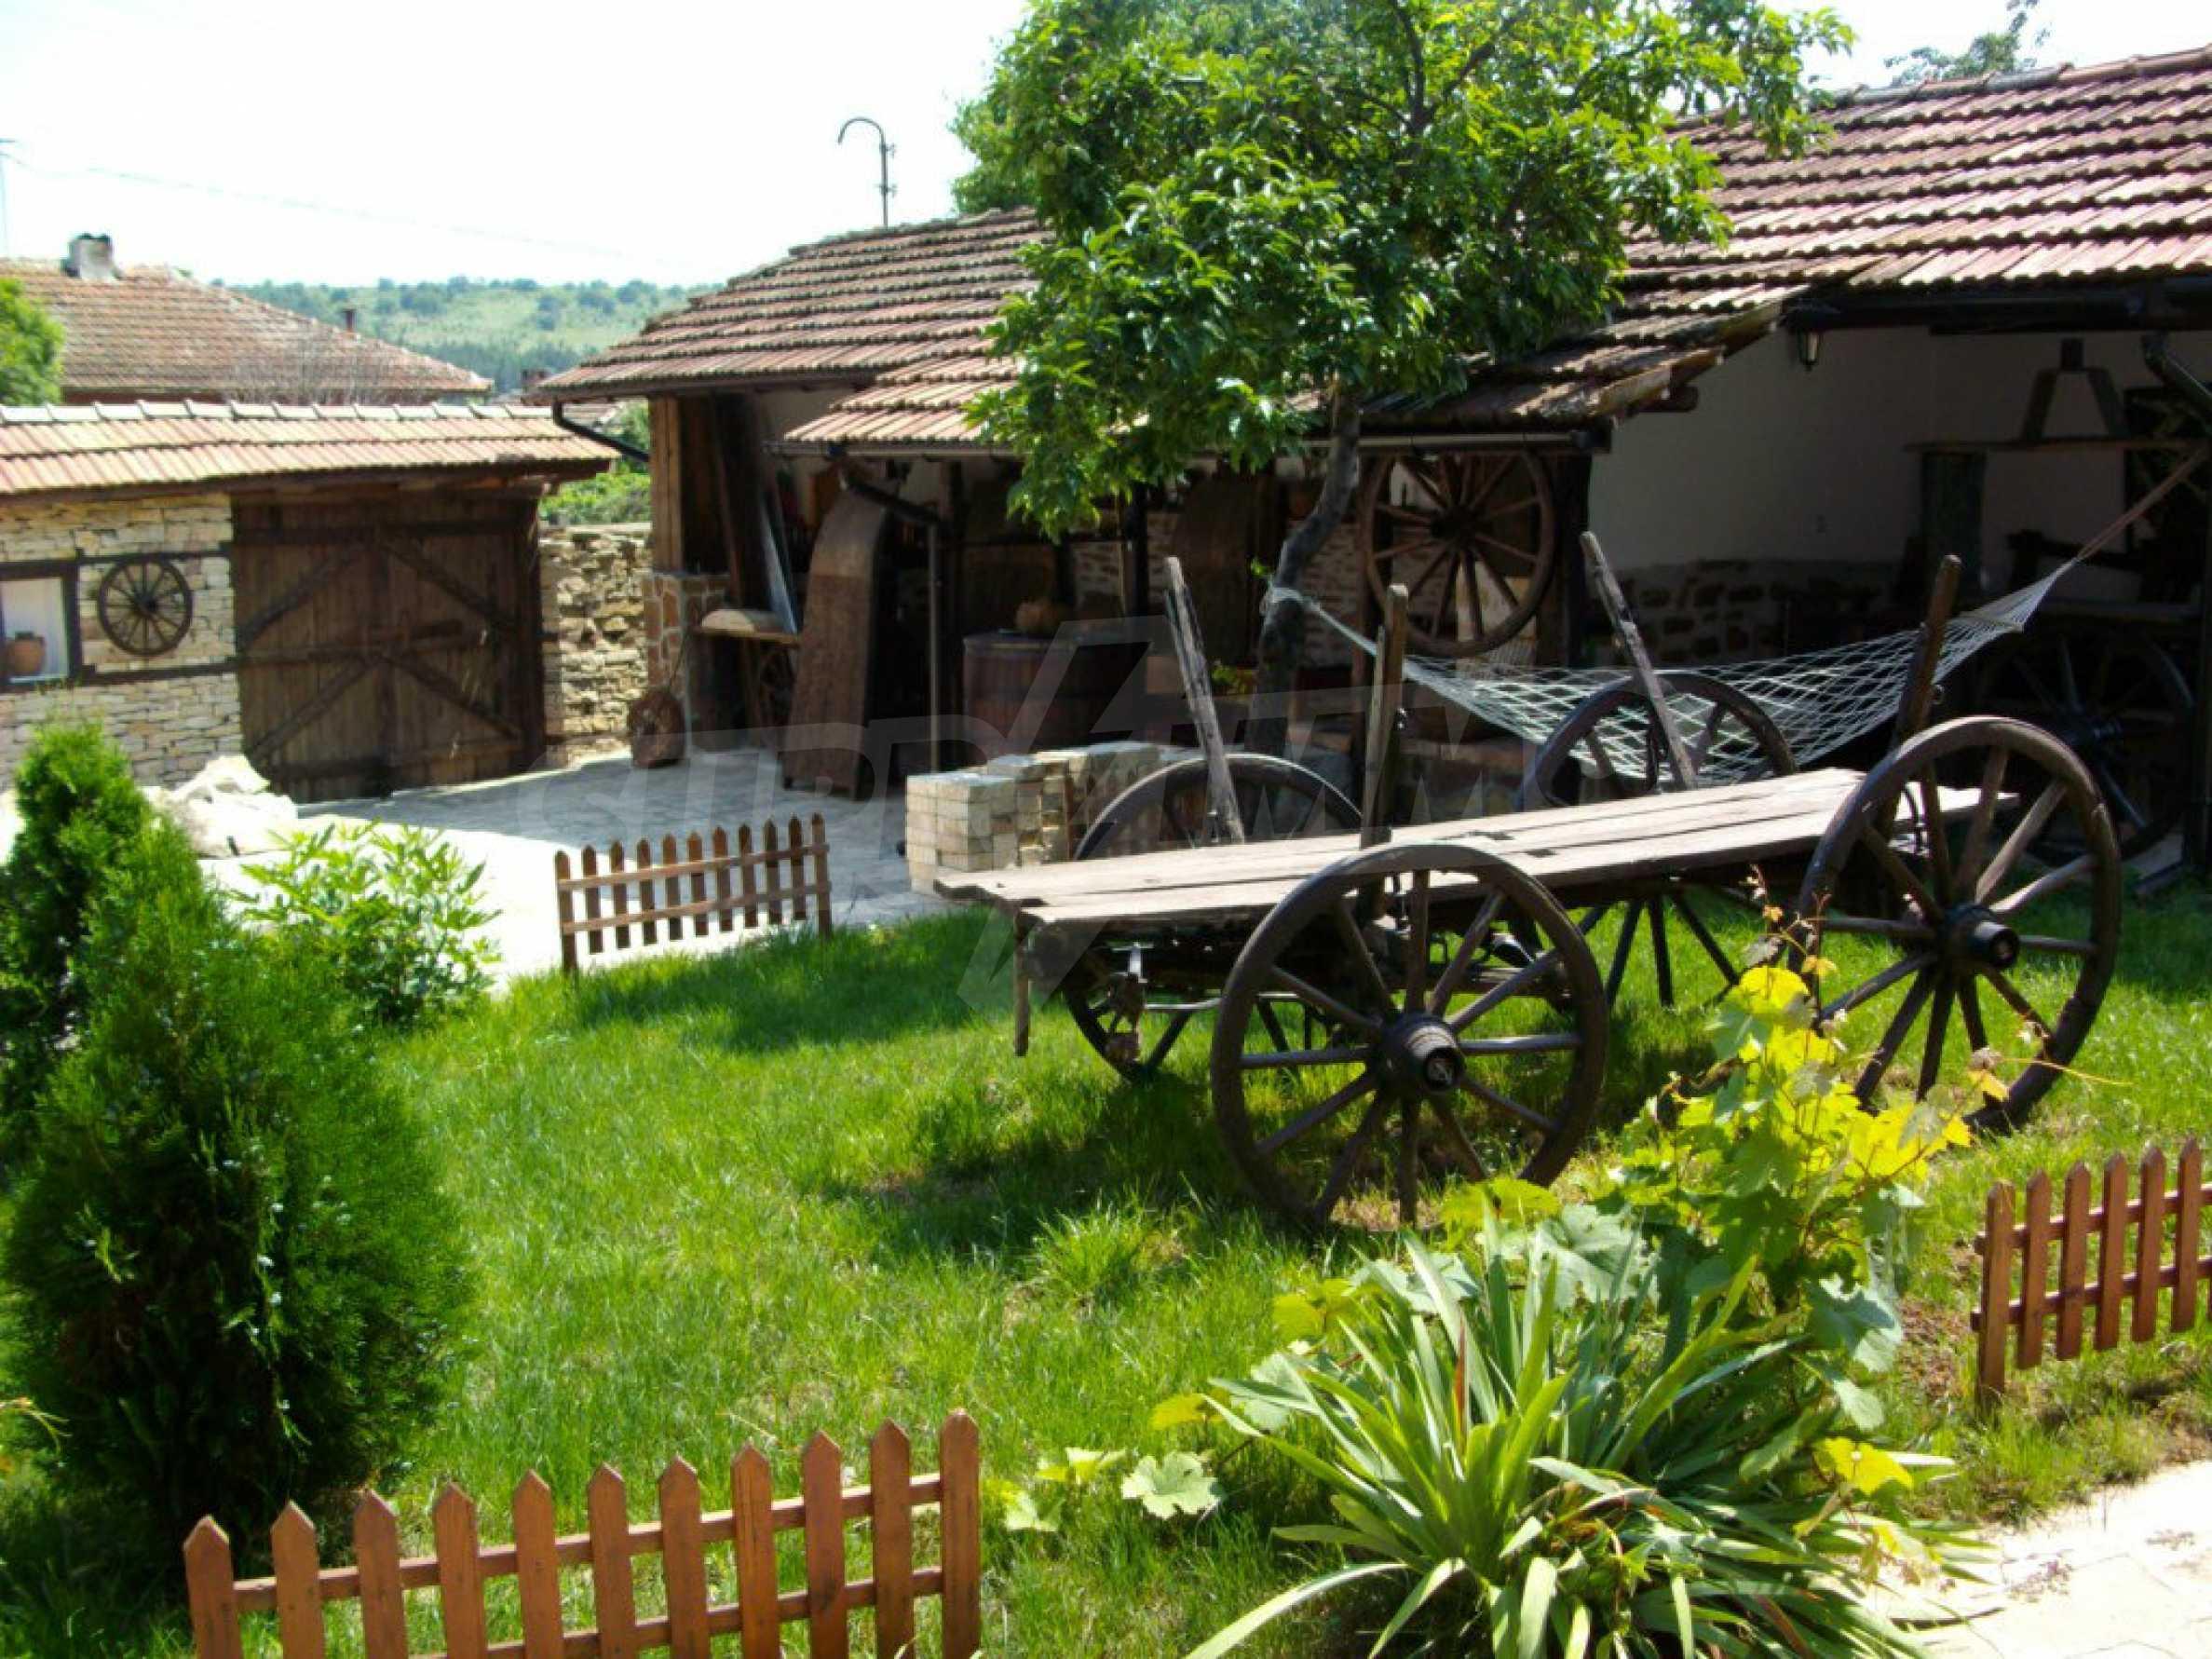 Vollständig möbliertes Anwesen im erhaltenen traditionellen bulgarischen Stil 21